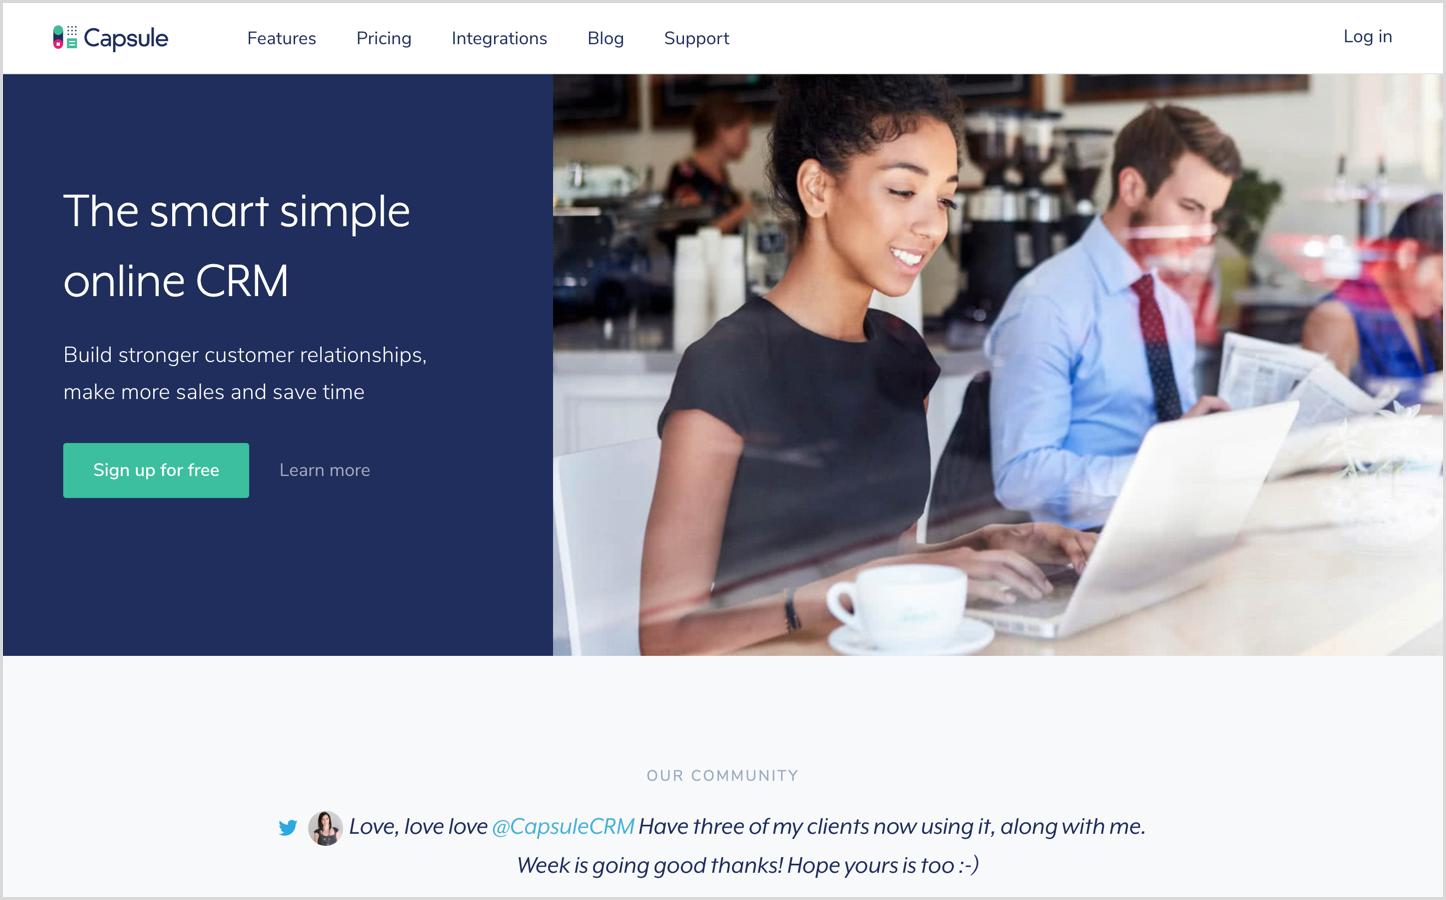 capsule crm homepage